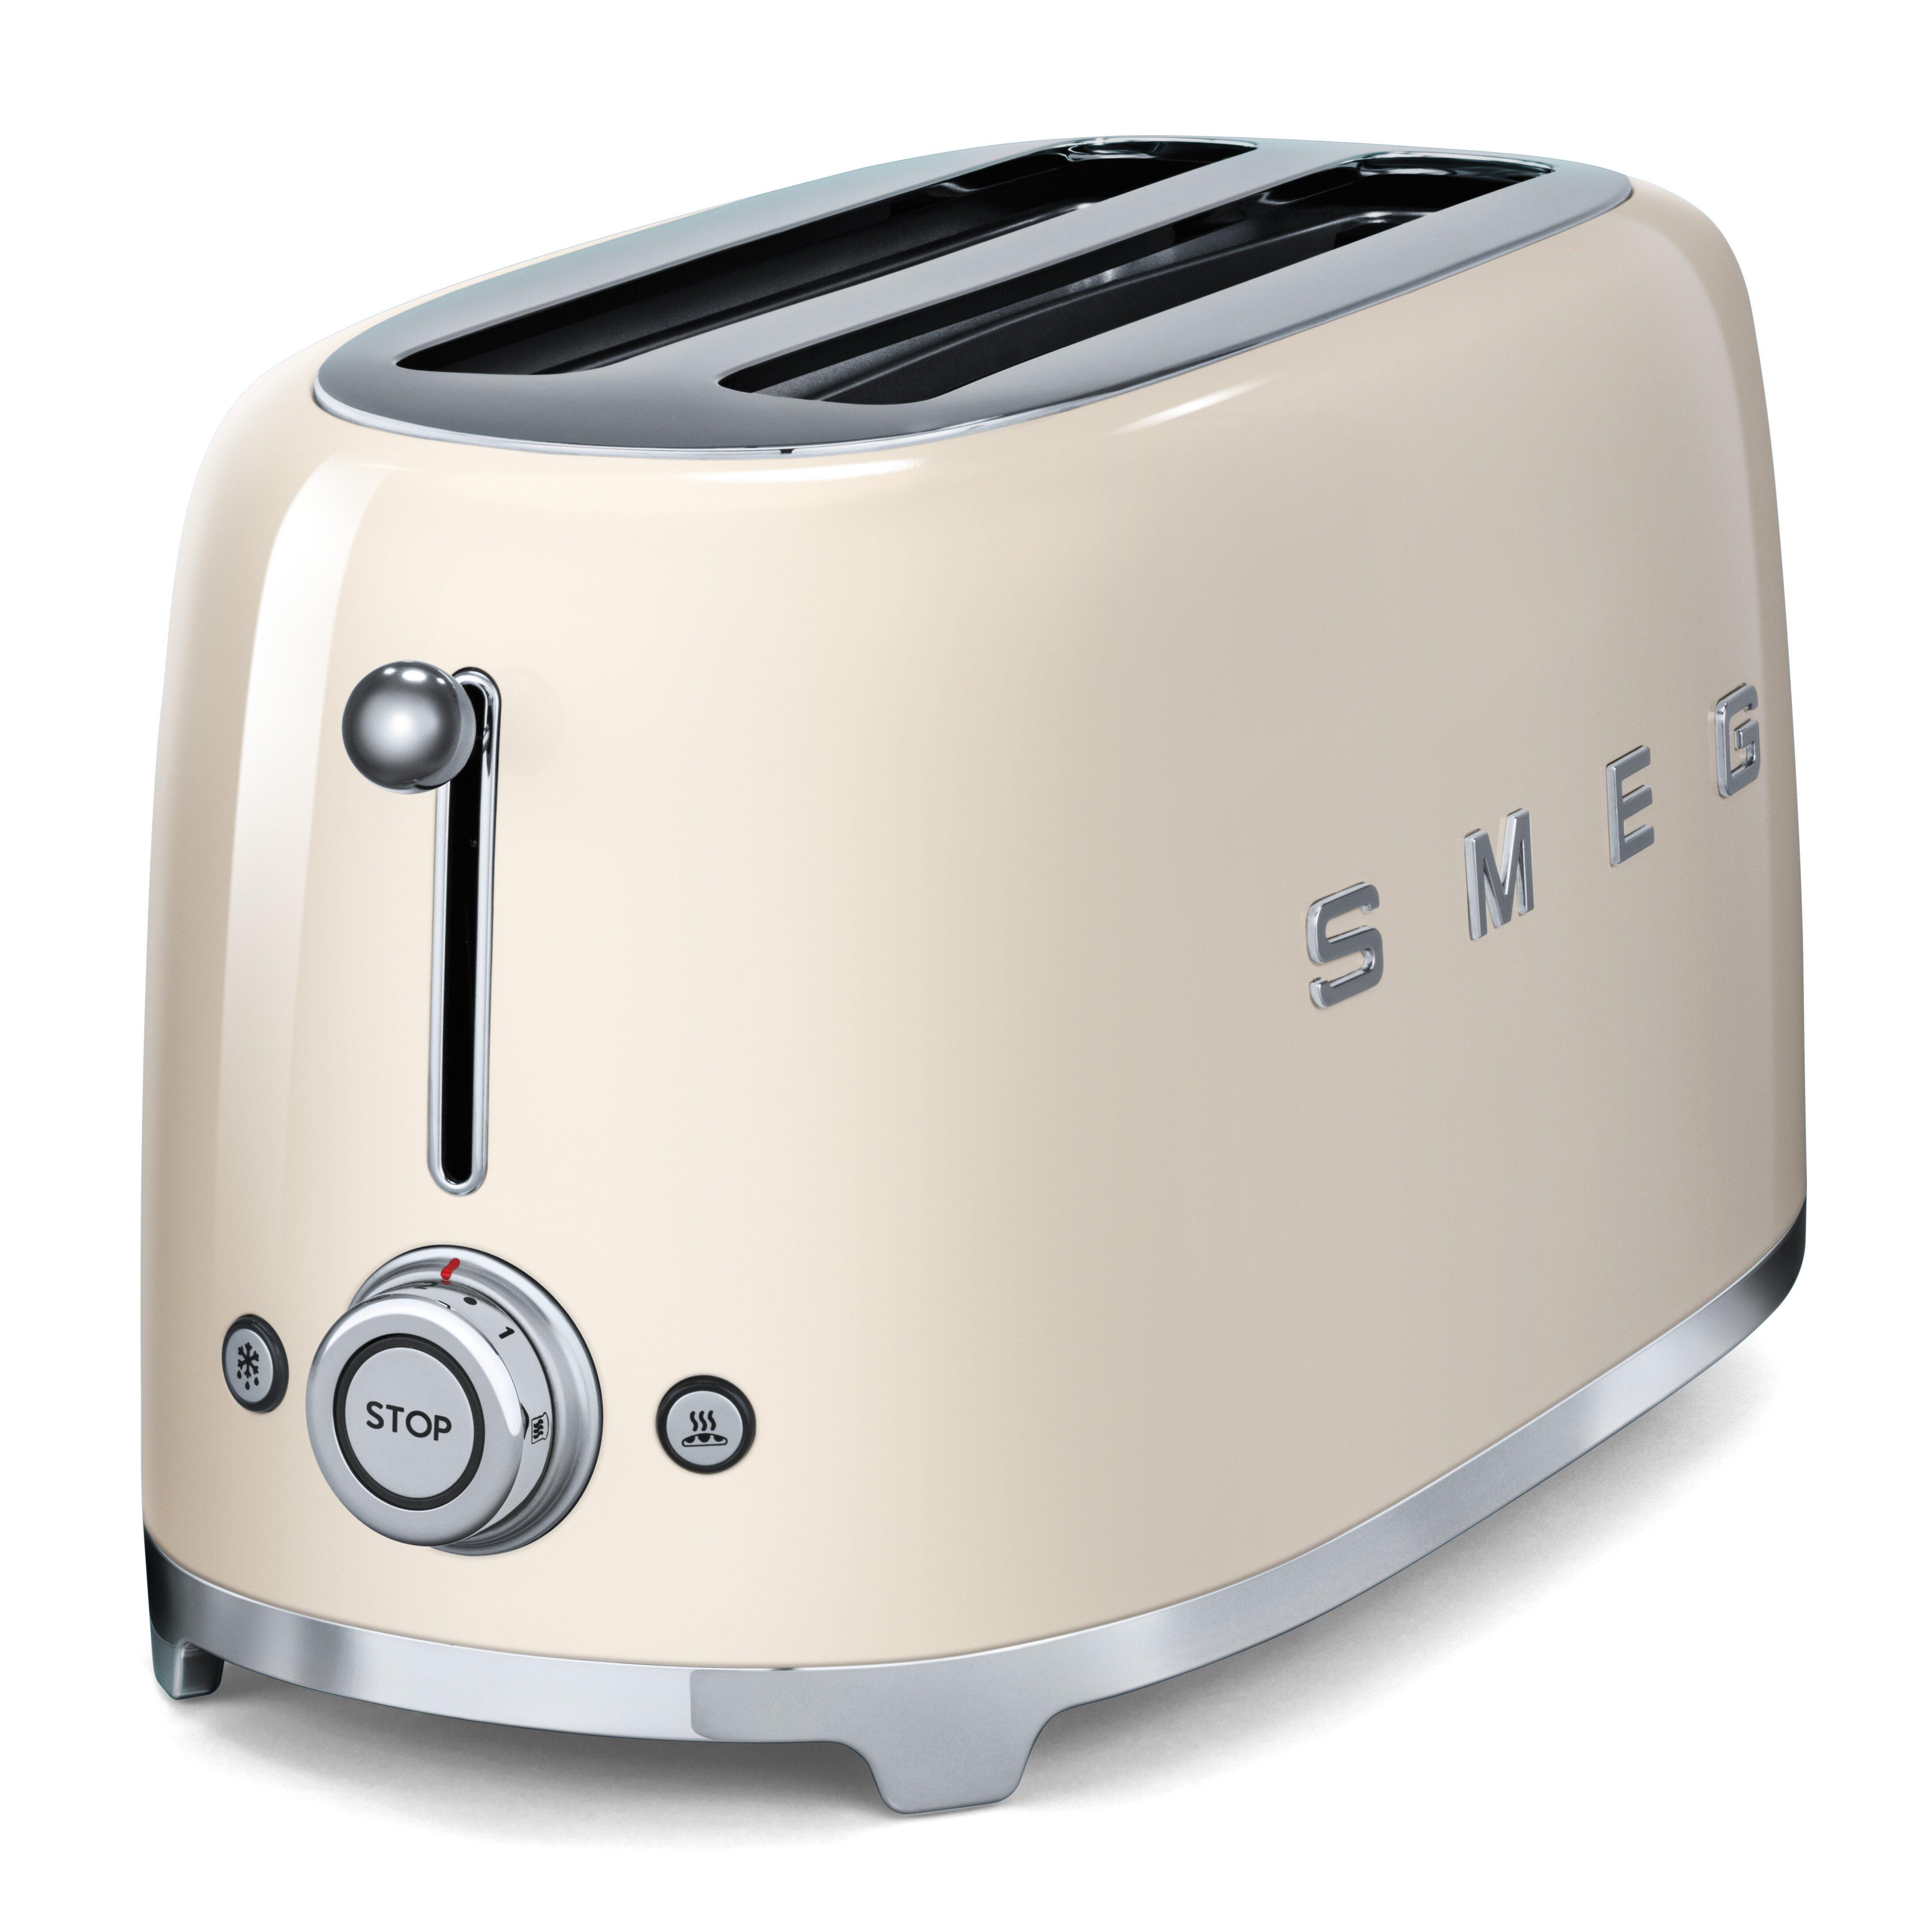 50s Style Kitchen Appliances Smeg 50s Style 4 Slice Toaster Reviews Wayfair